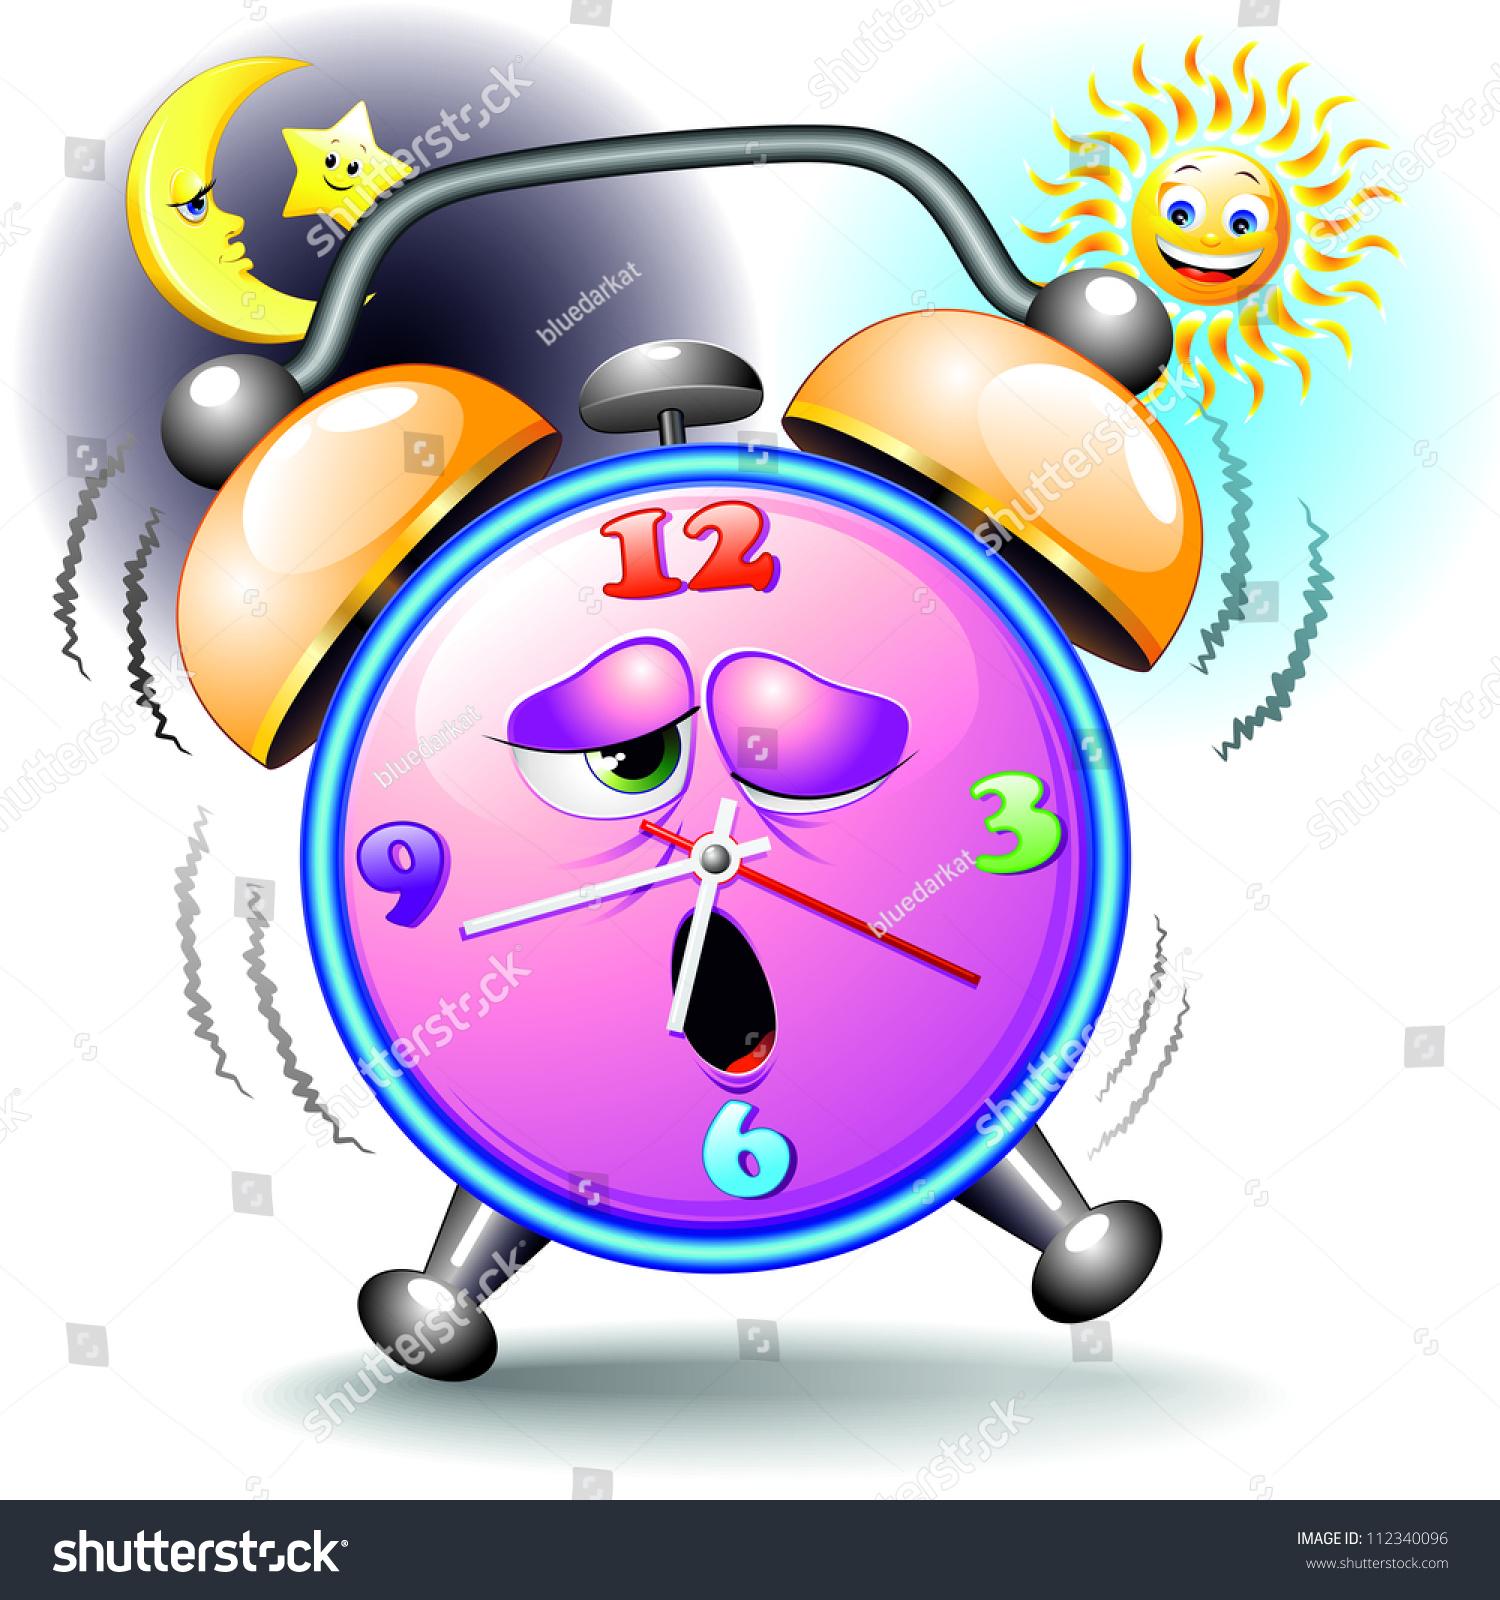 Alarm Clock Funny Cartoon Day And Night Stock Photo